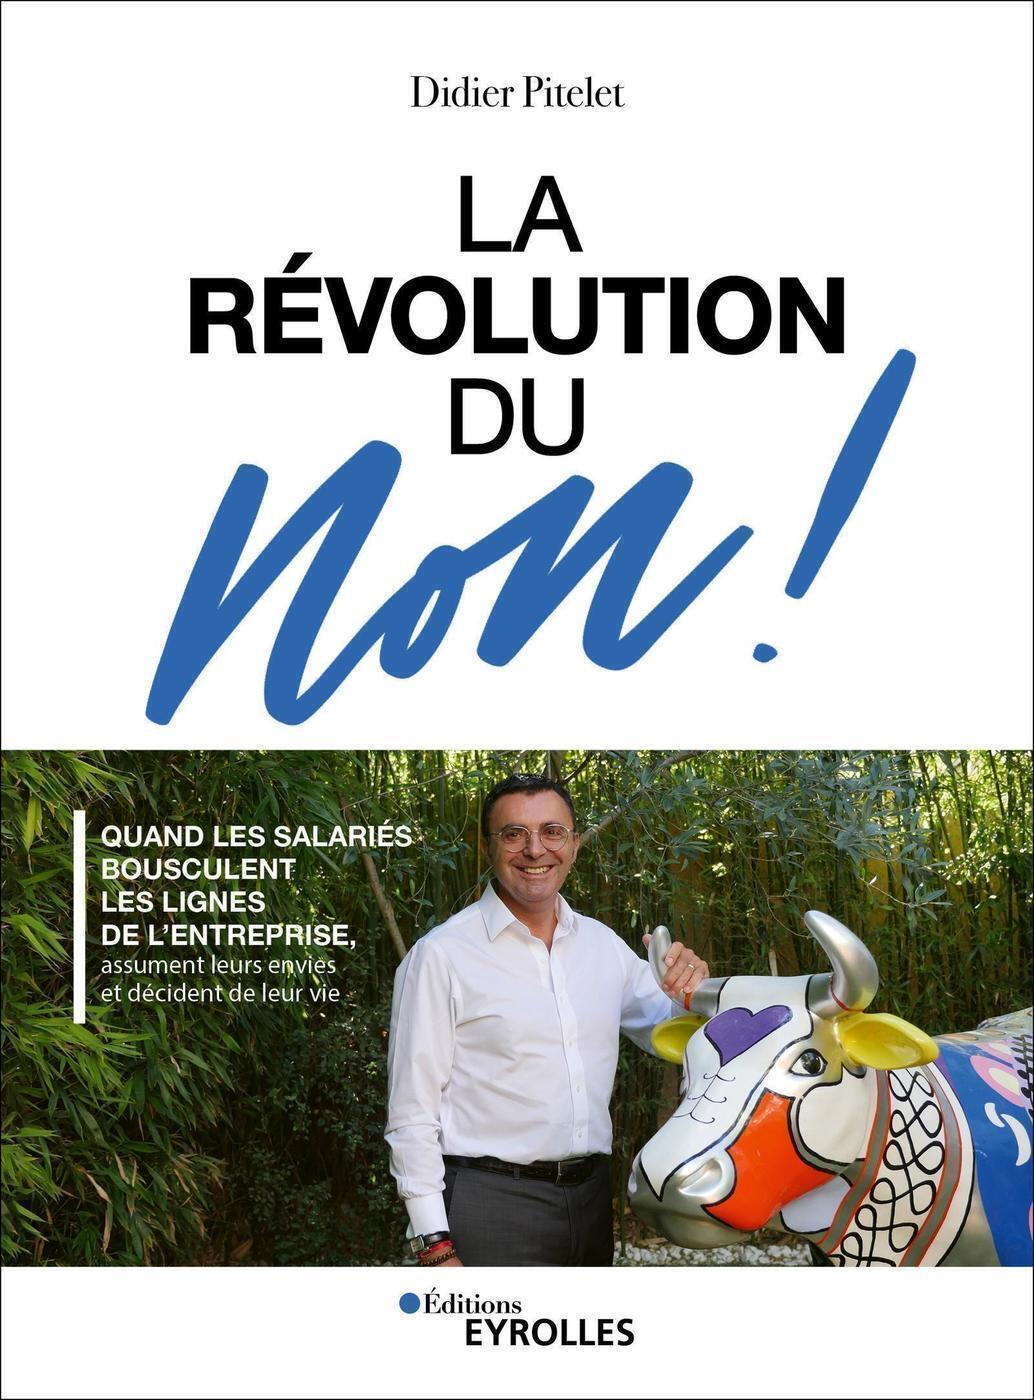 LA REVOLUTION DU NON ! - QUAND LES SALARIES BOUSCULENT LES LIGNES DE L'ENTREPRISE, ASSUMENT LEURS EN